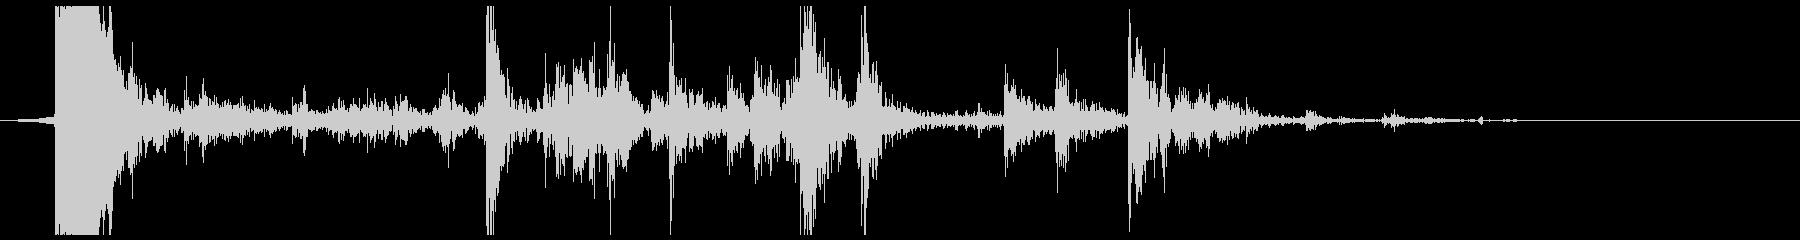 ウッドパイルへの影響ウッドヒットの未再生の波形